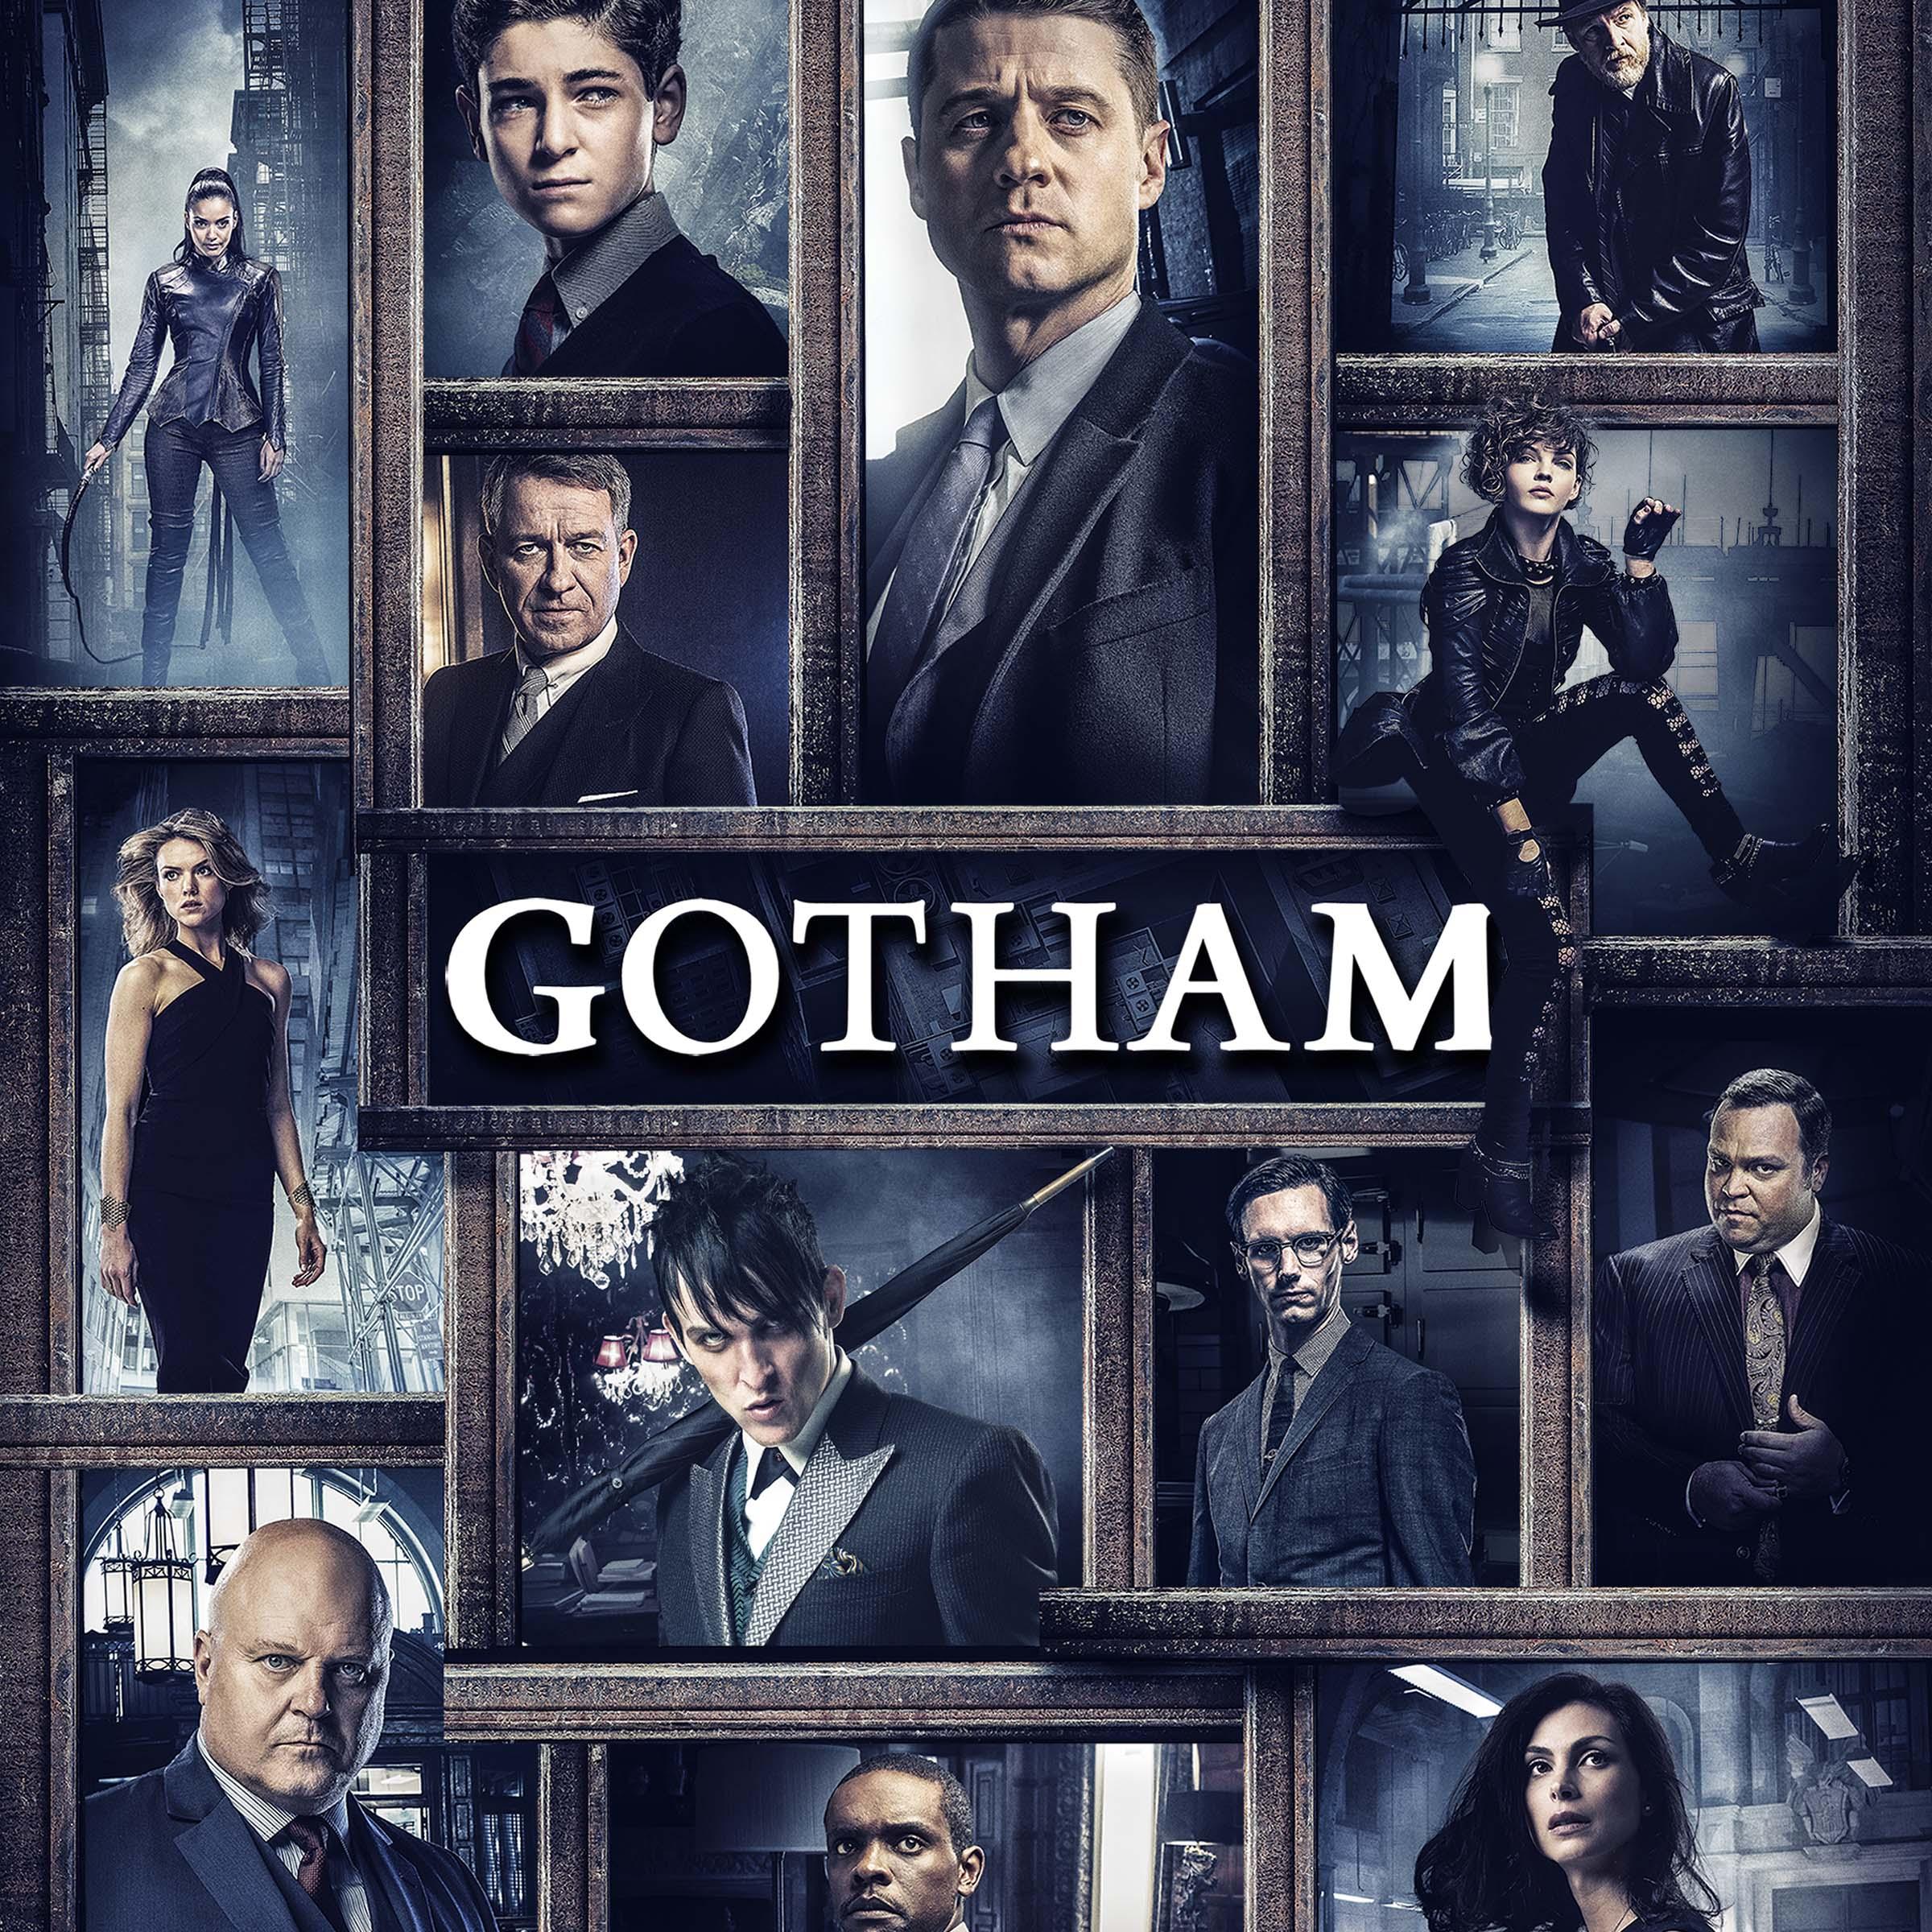 Gotham (Subtitled)